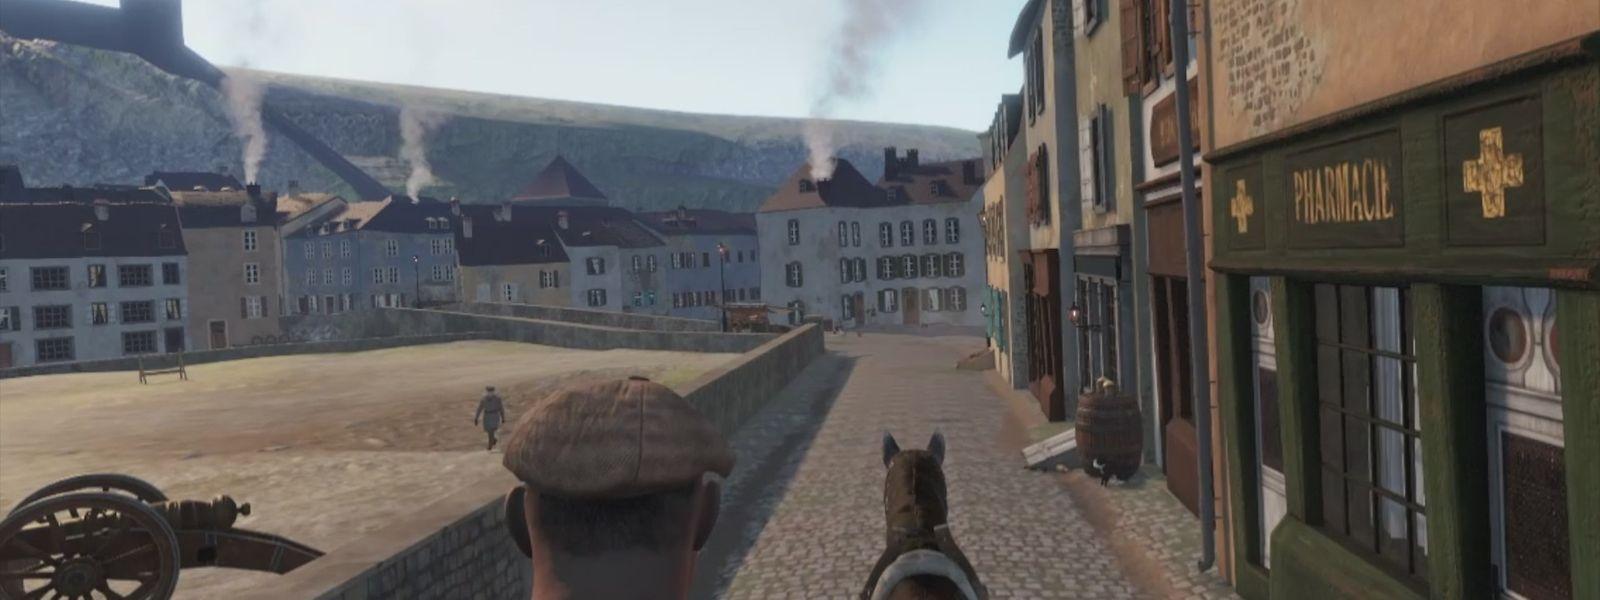 Une visite guidée en VR et AR est proposée par l'office du tourisme.